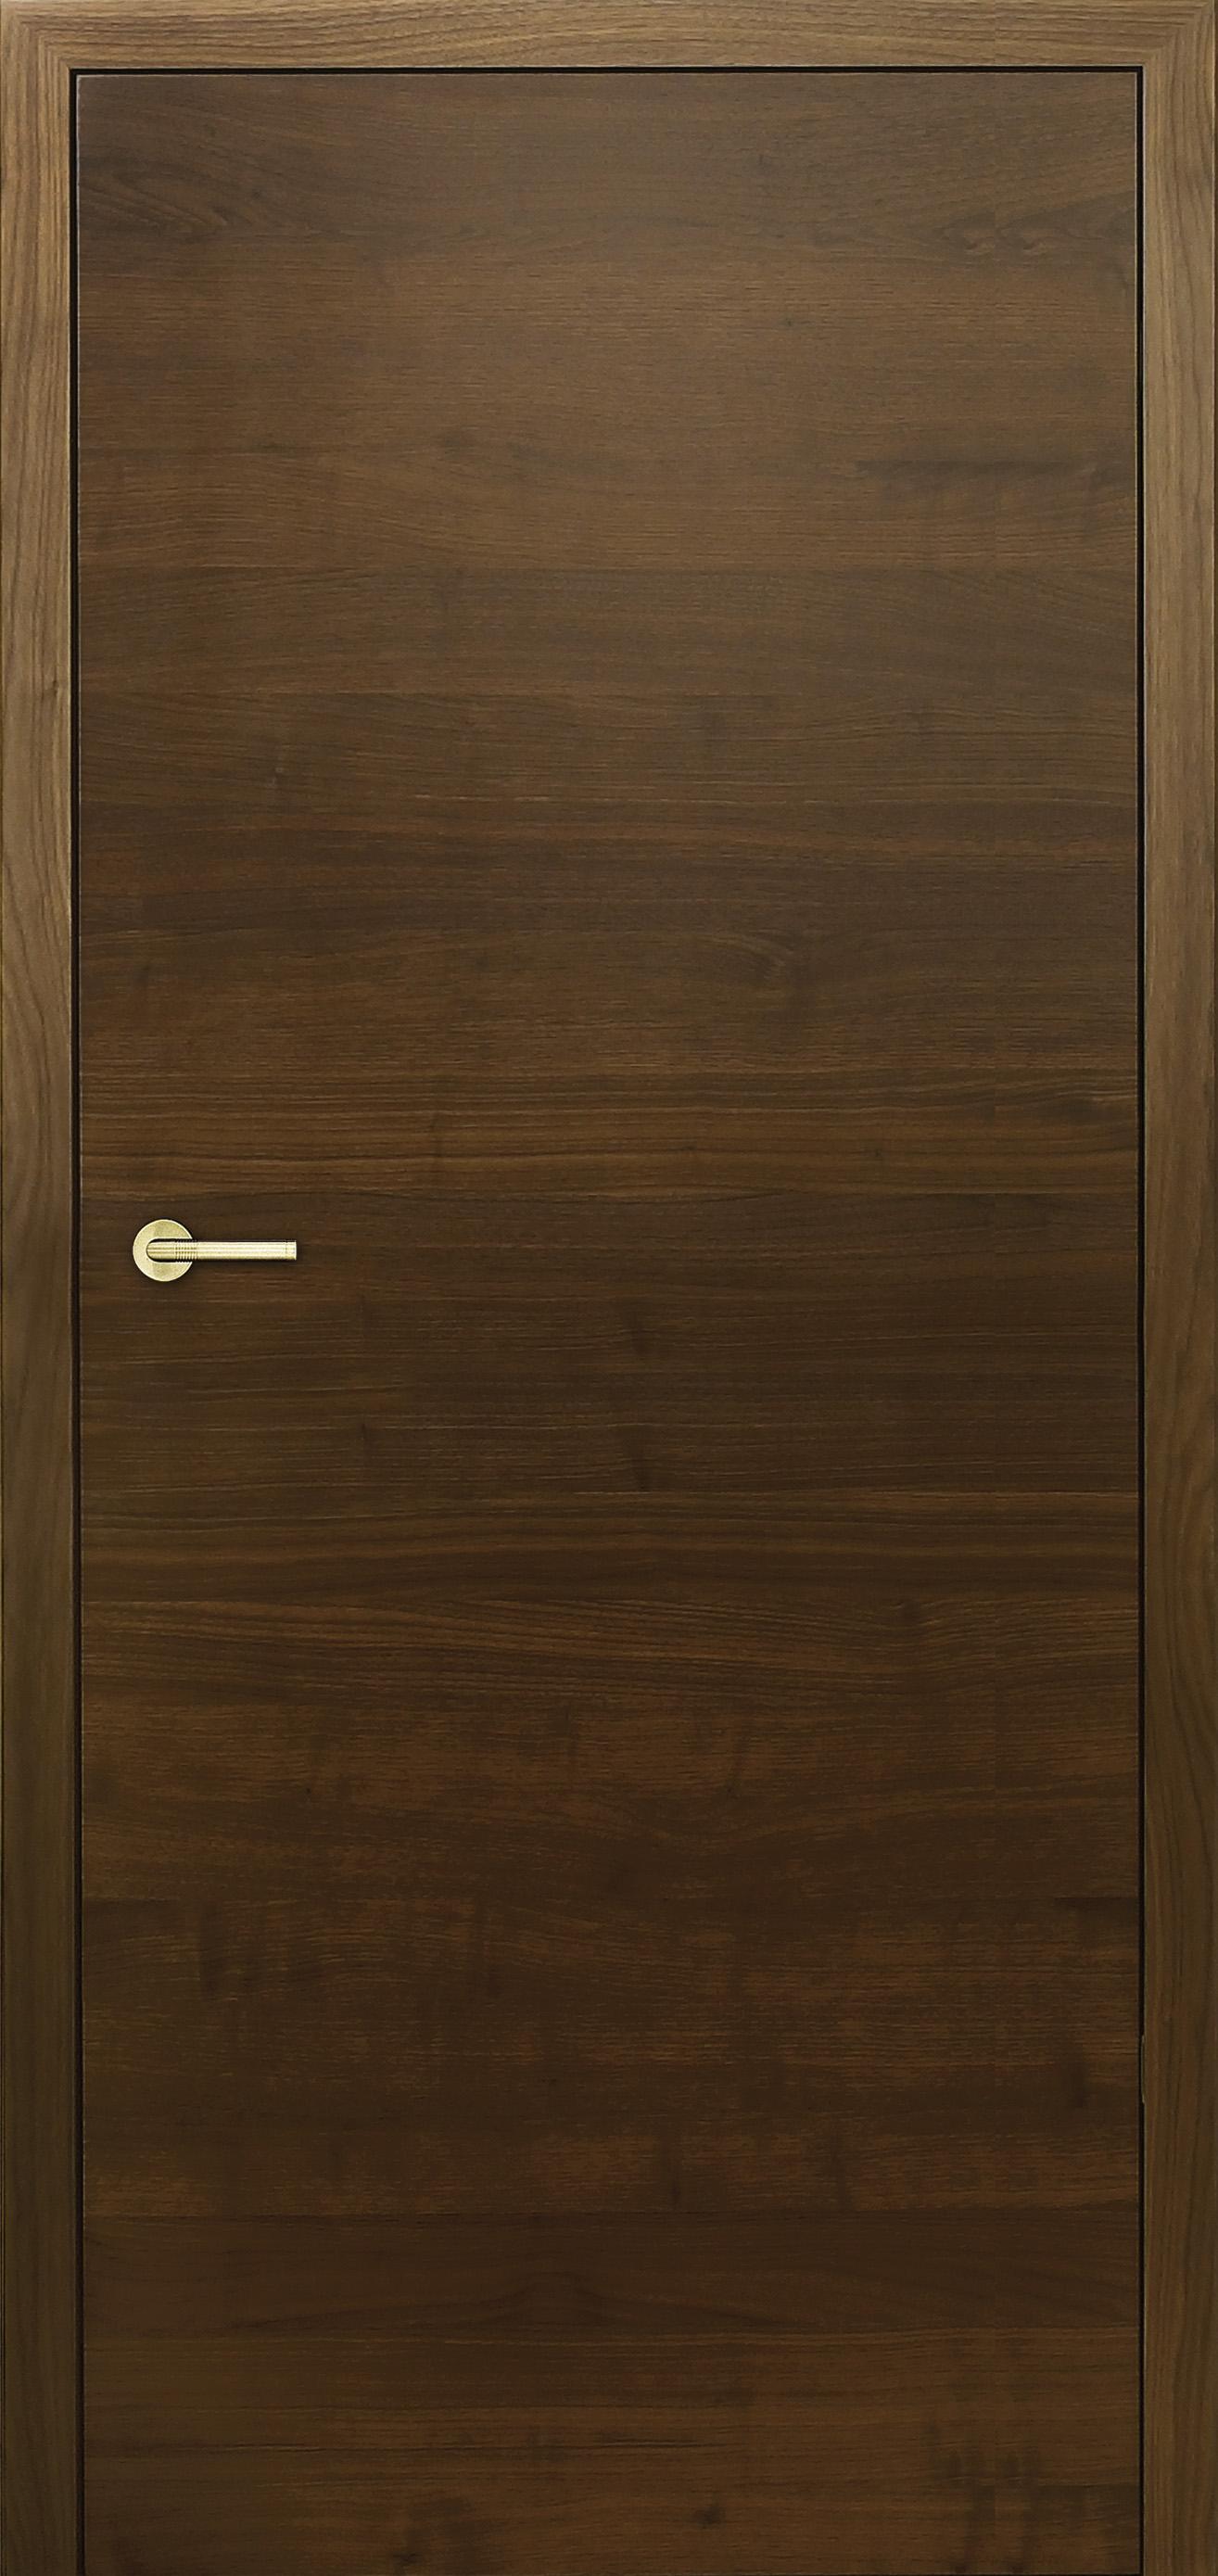 Rene libert le bois est notre passion porte for Placage bois porte interieure